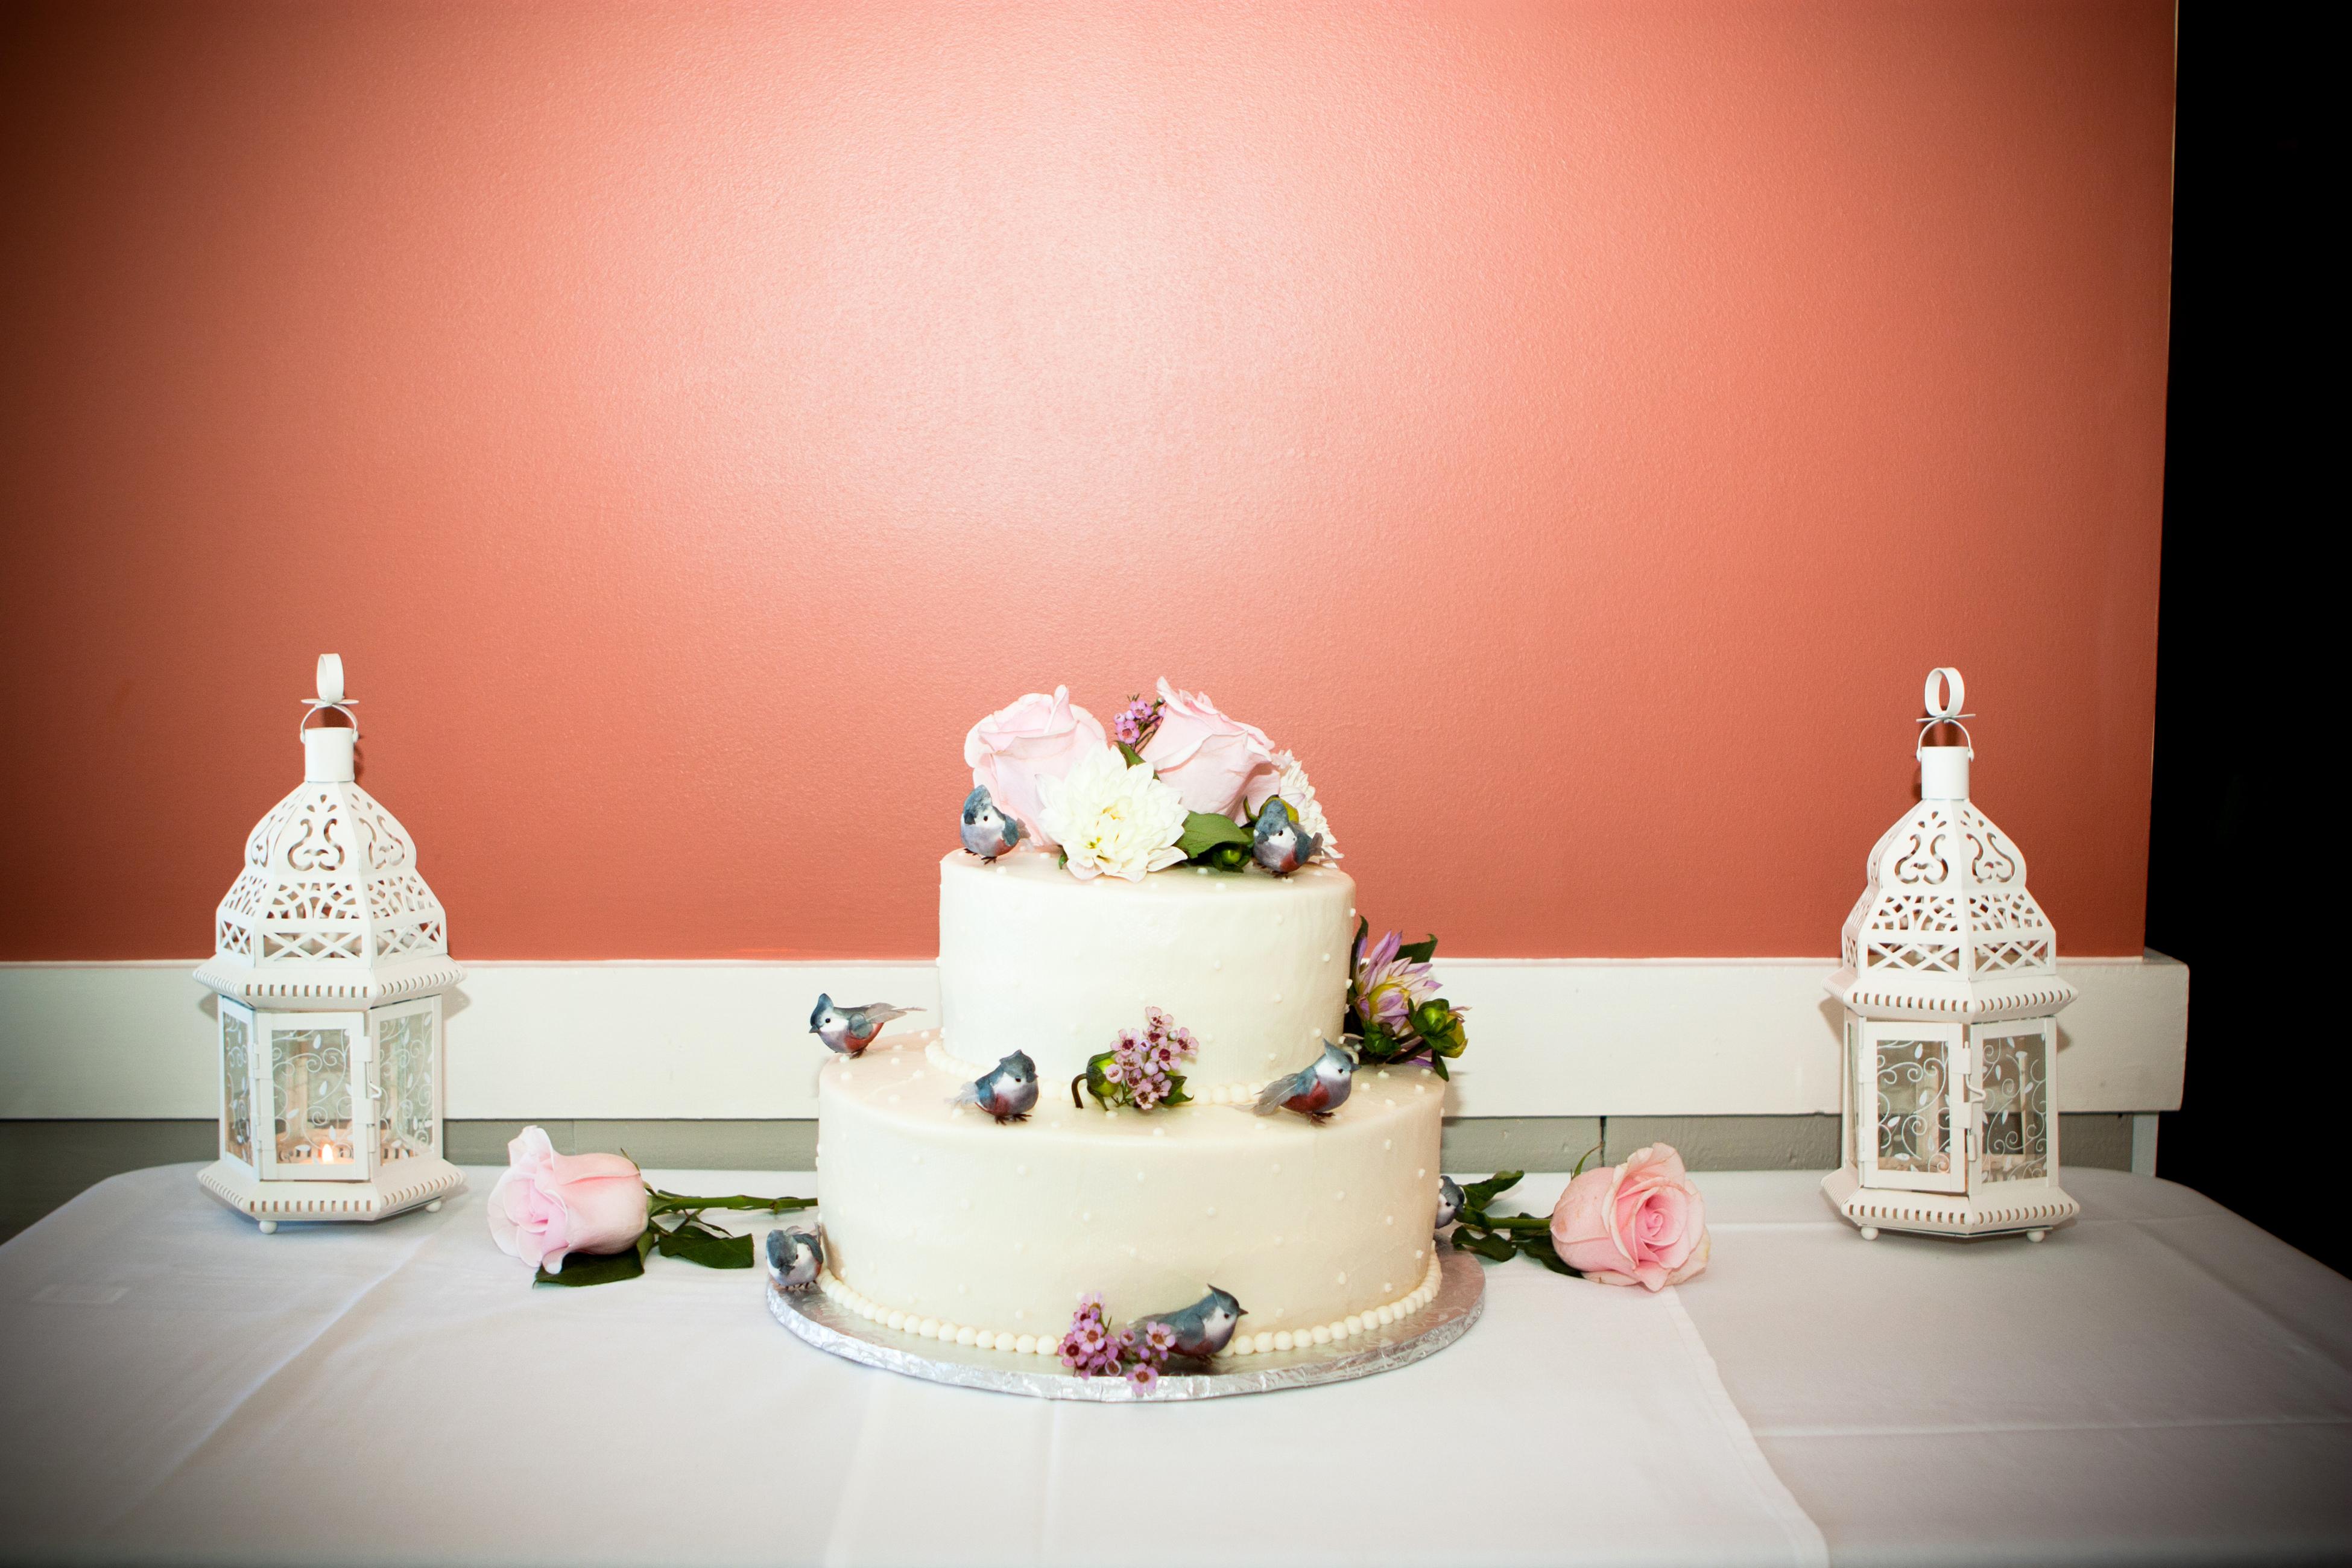 Свадебный торт  № 1408226 без смс